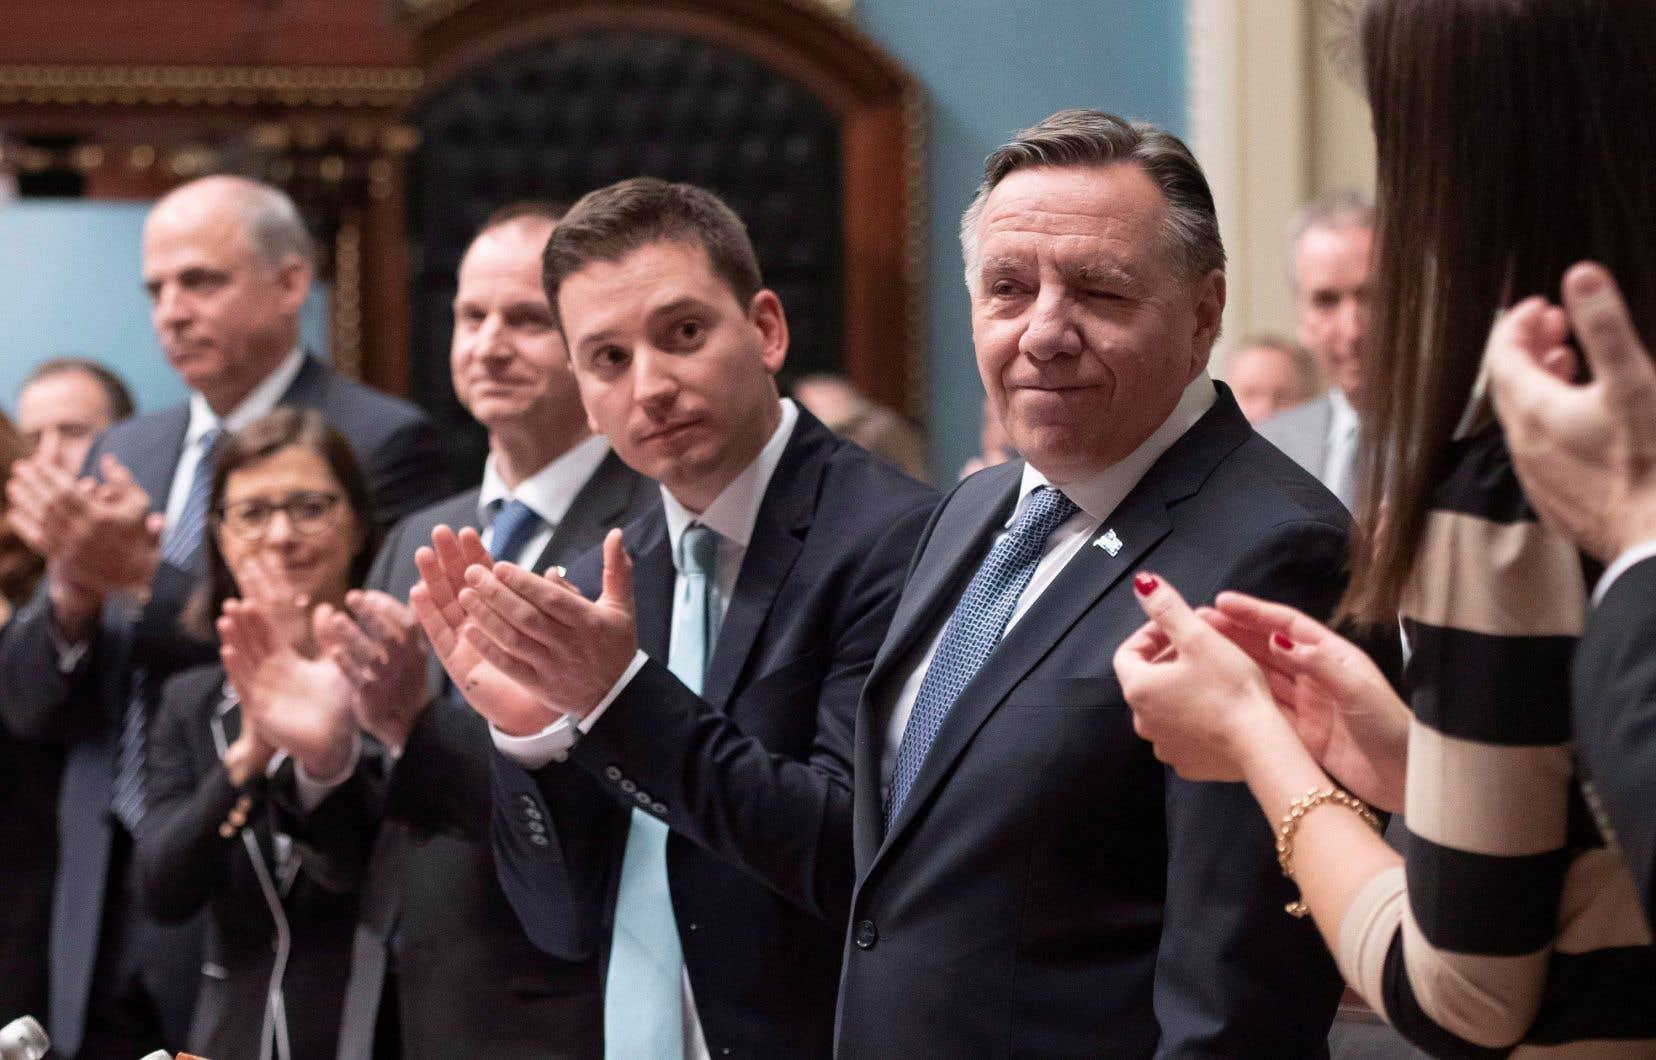 Le premier ministre François Legault applaudi par ses députés et ministres à l'occasion de la lecture de son premier discours inaugural.